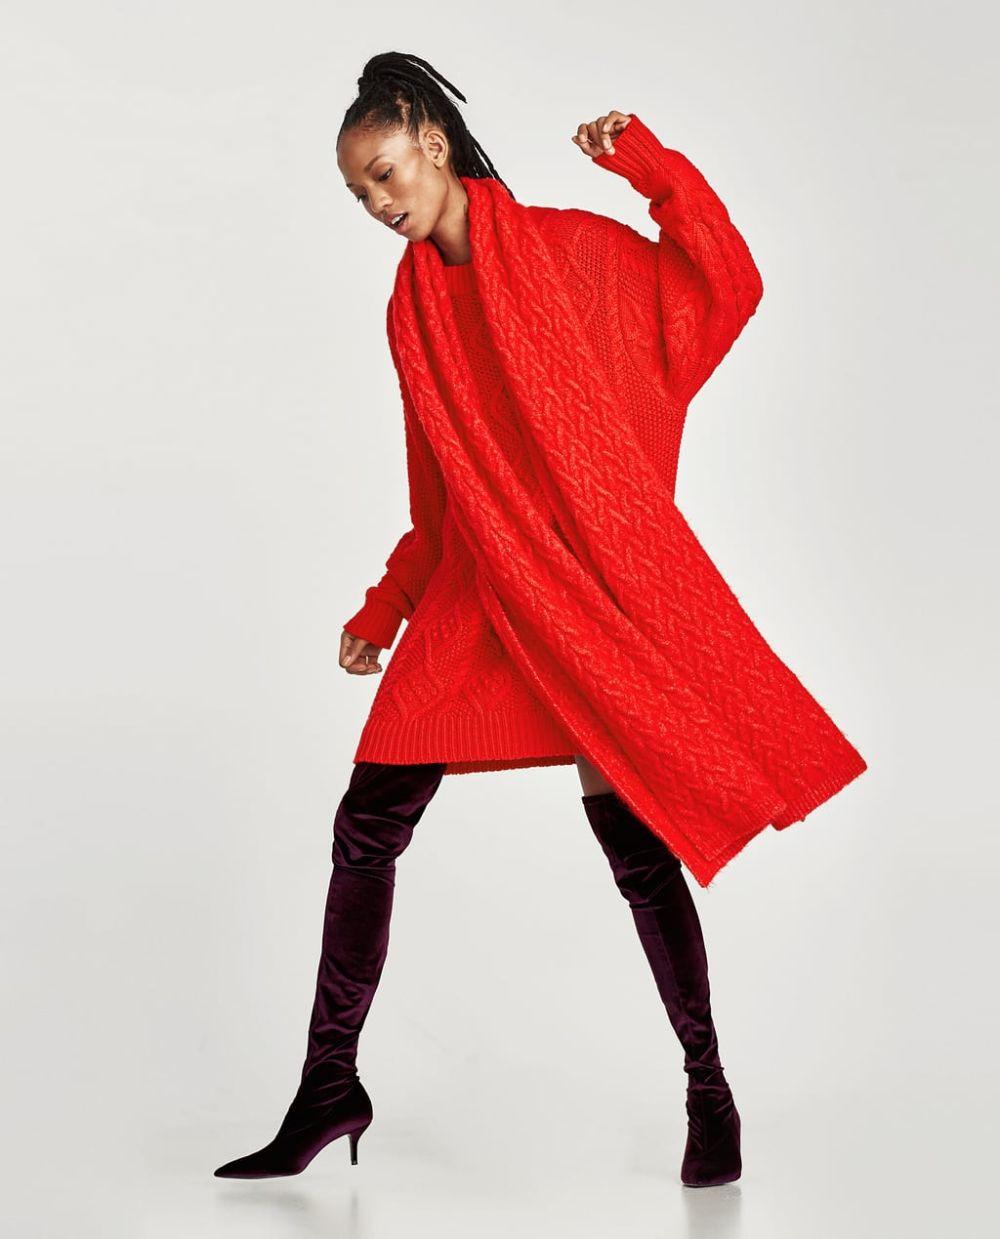 Maglione Lana e Sciarpa rossa Zara Camicia Frange Rosse Zara Cappotto ... 5c85e5ea0816